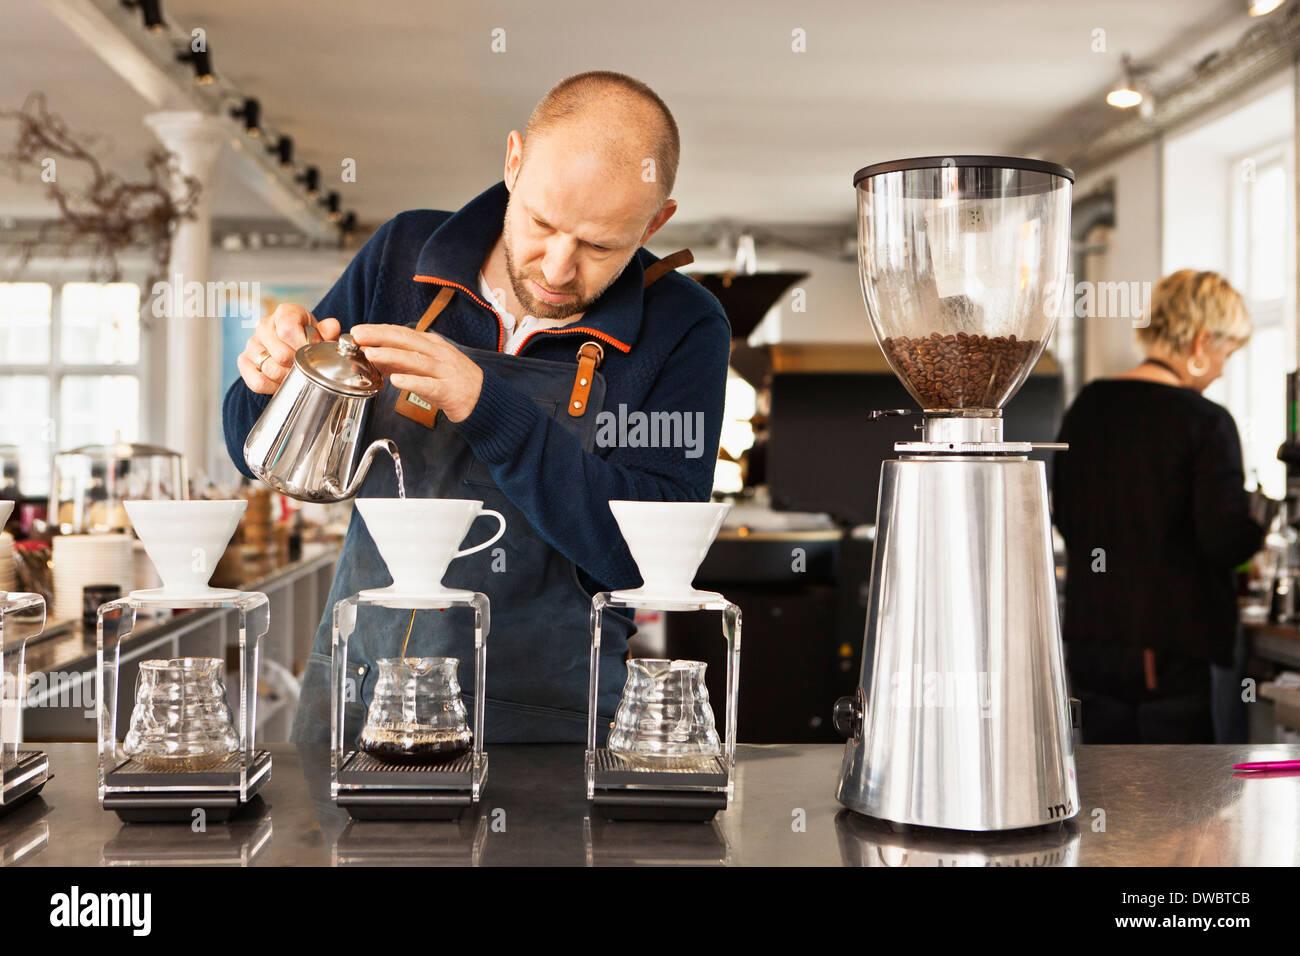 Barista vertiendo agua hirviendo en filtros de café Imagen De Stock